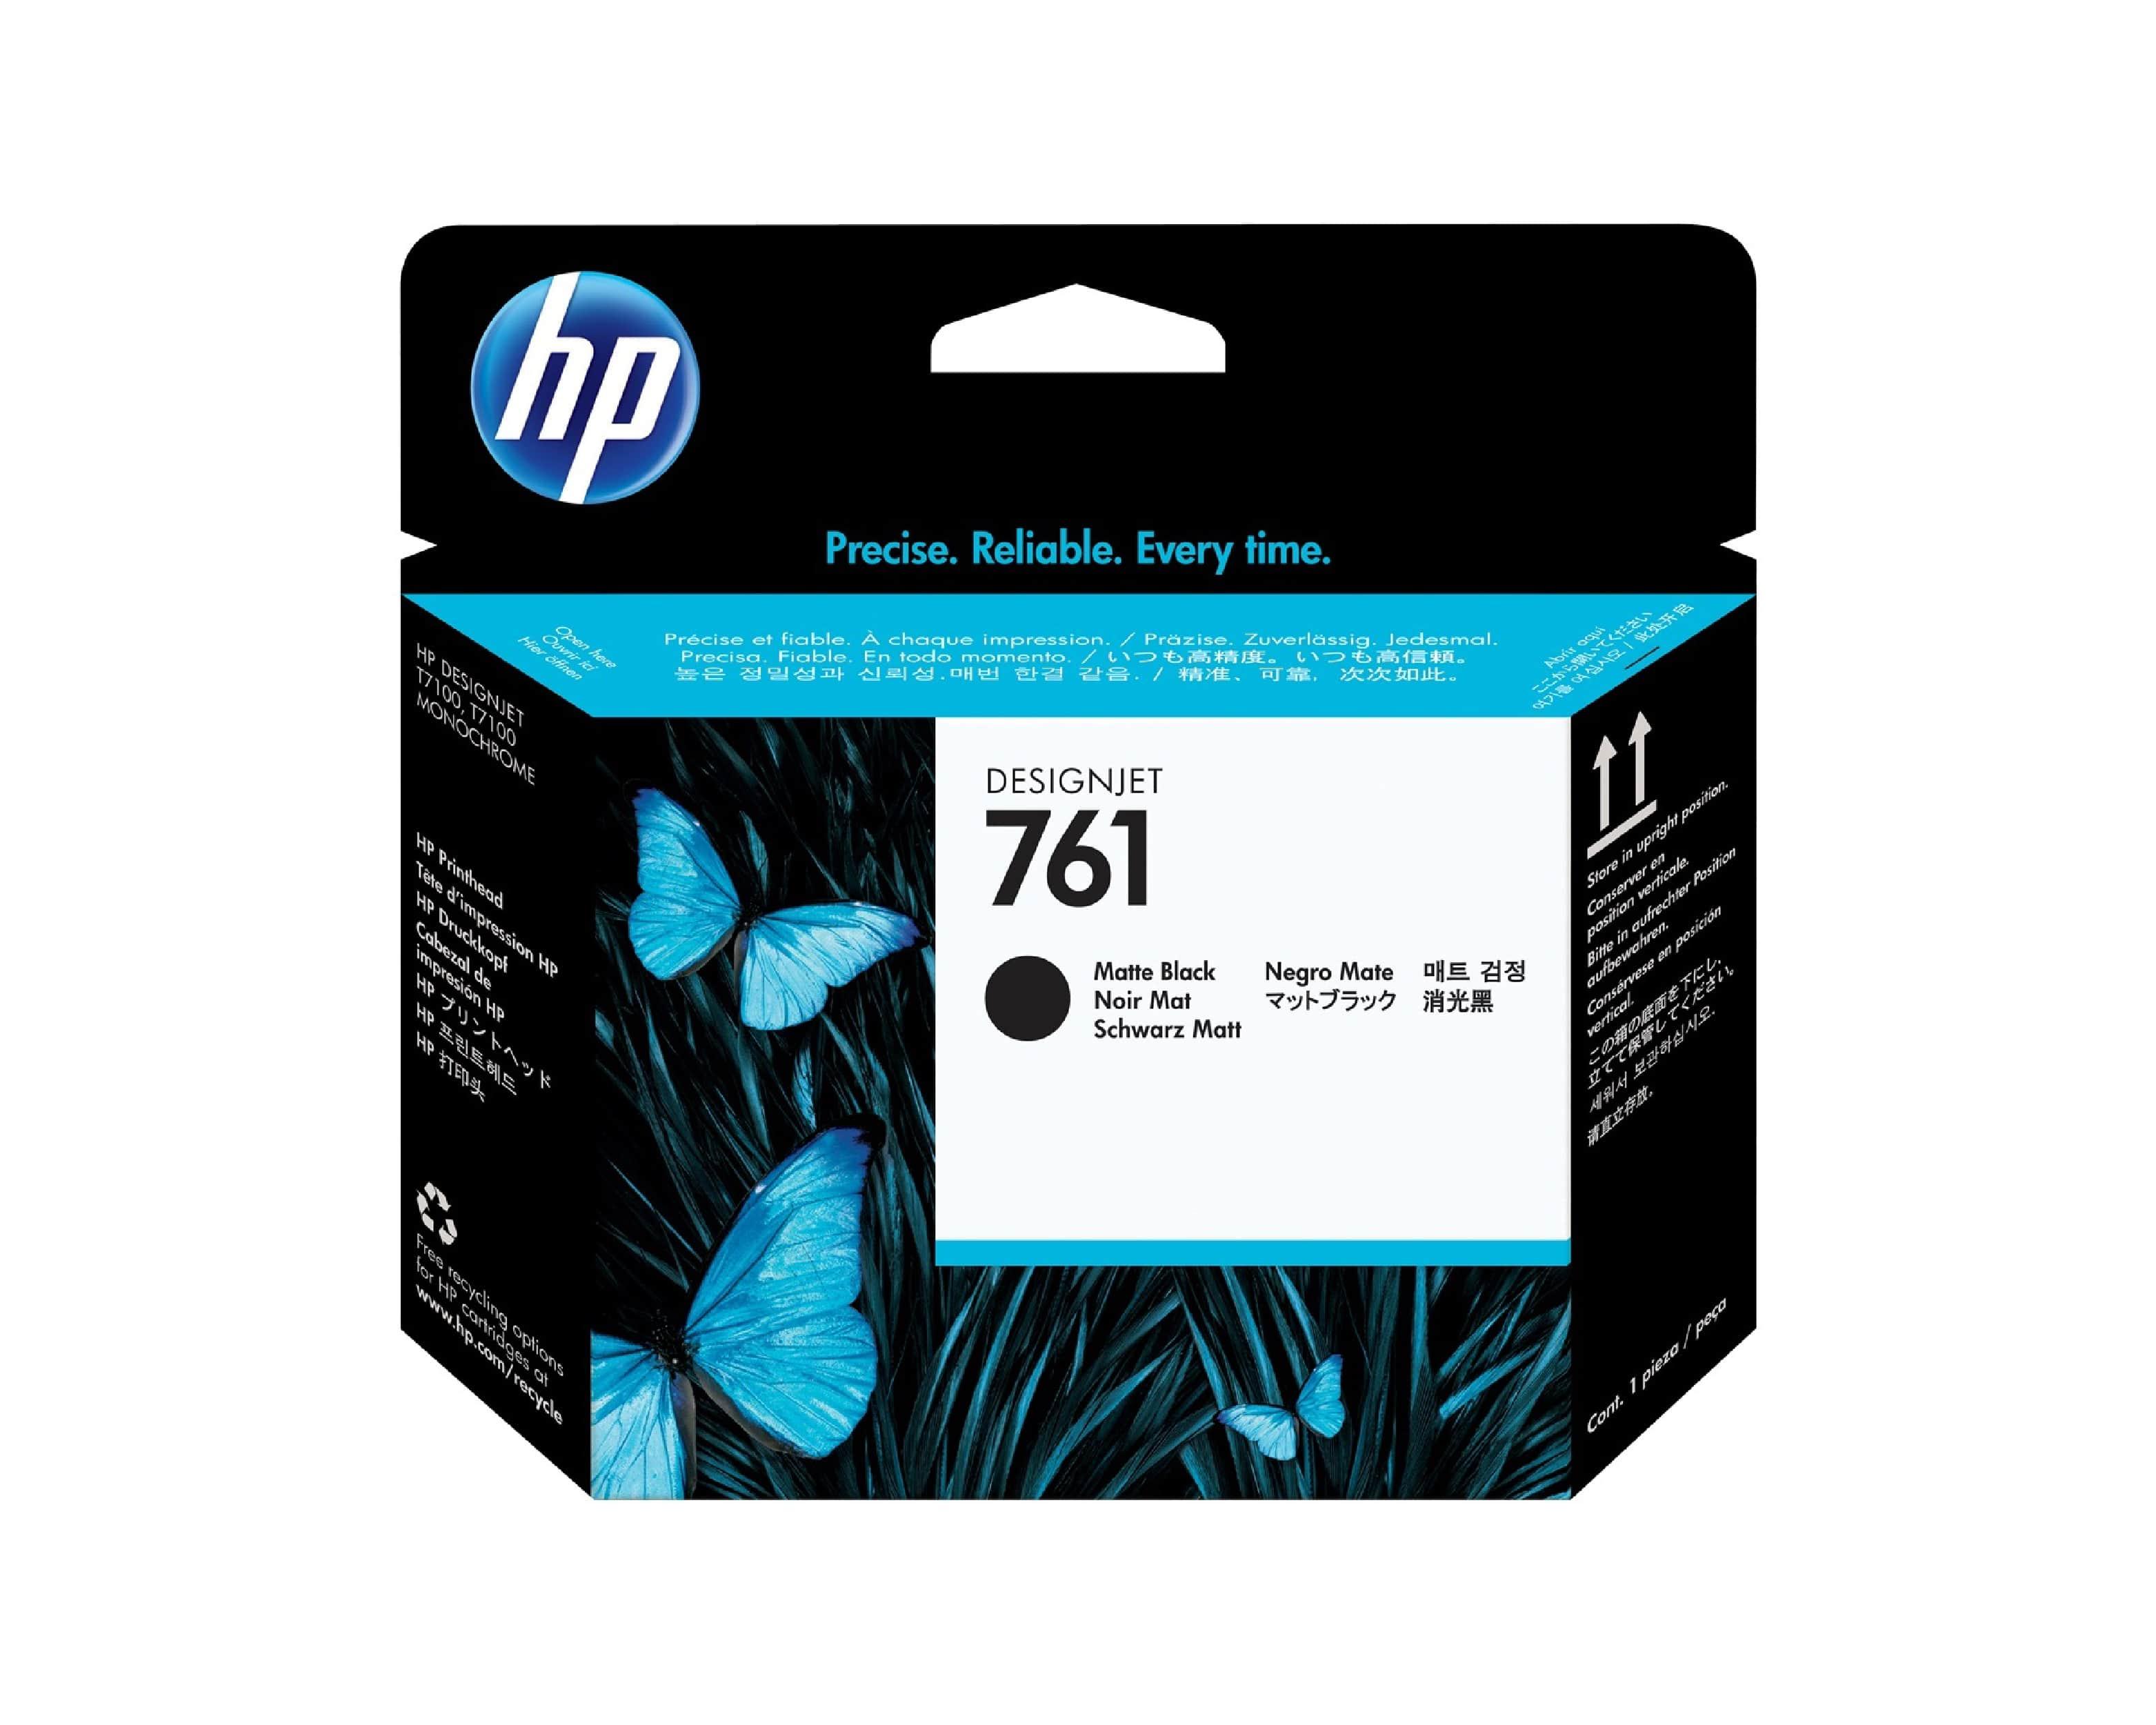 HP 761 DesignJet Printhead - Matte Black